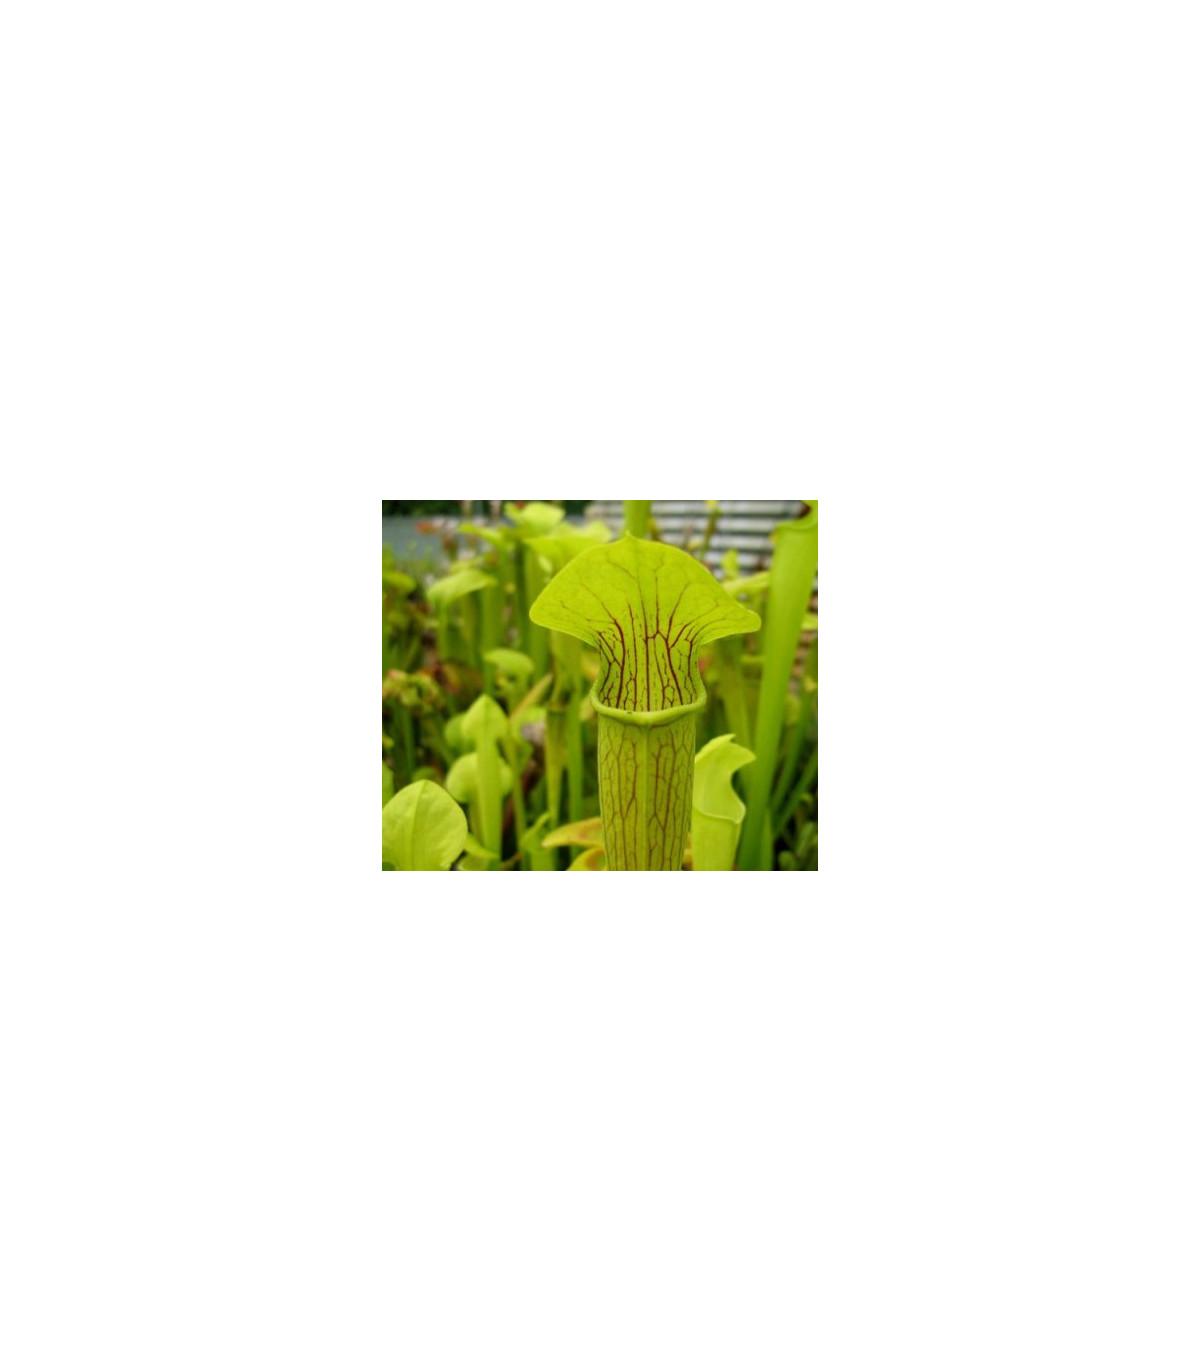 Špirlice křídlatá - masožravka Sarracenia alata - prodej semen špirlice - 12 ks